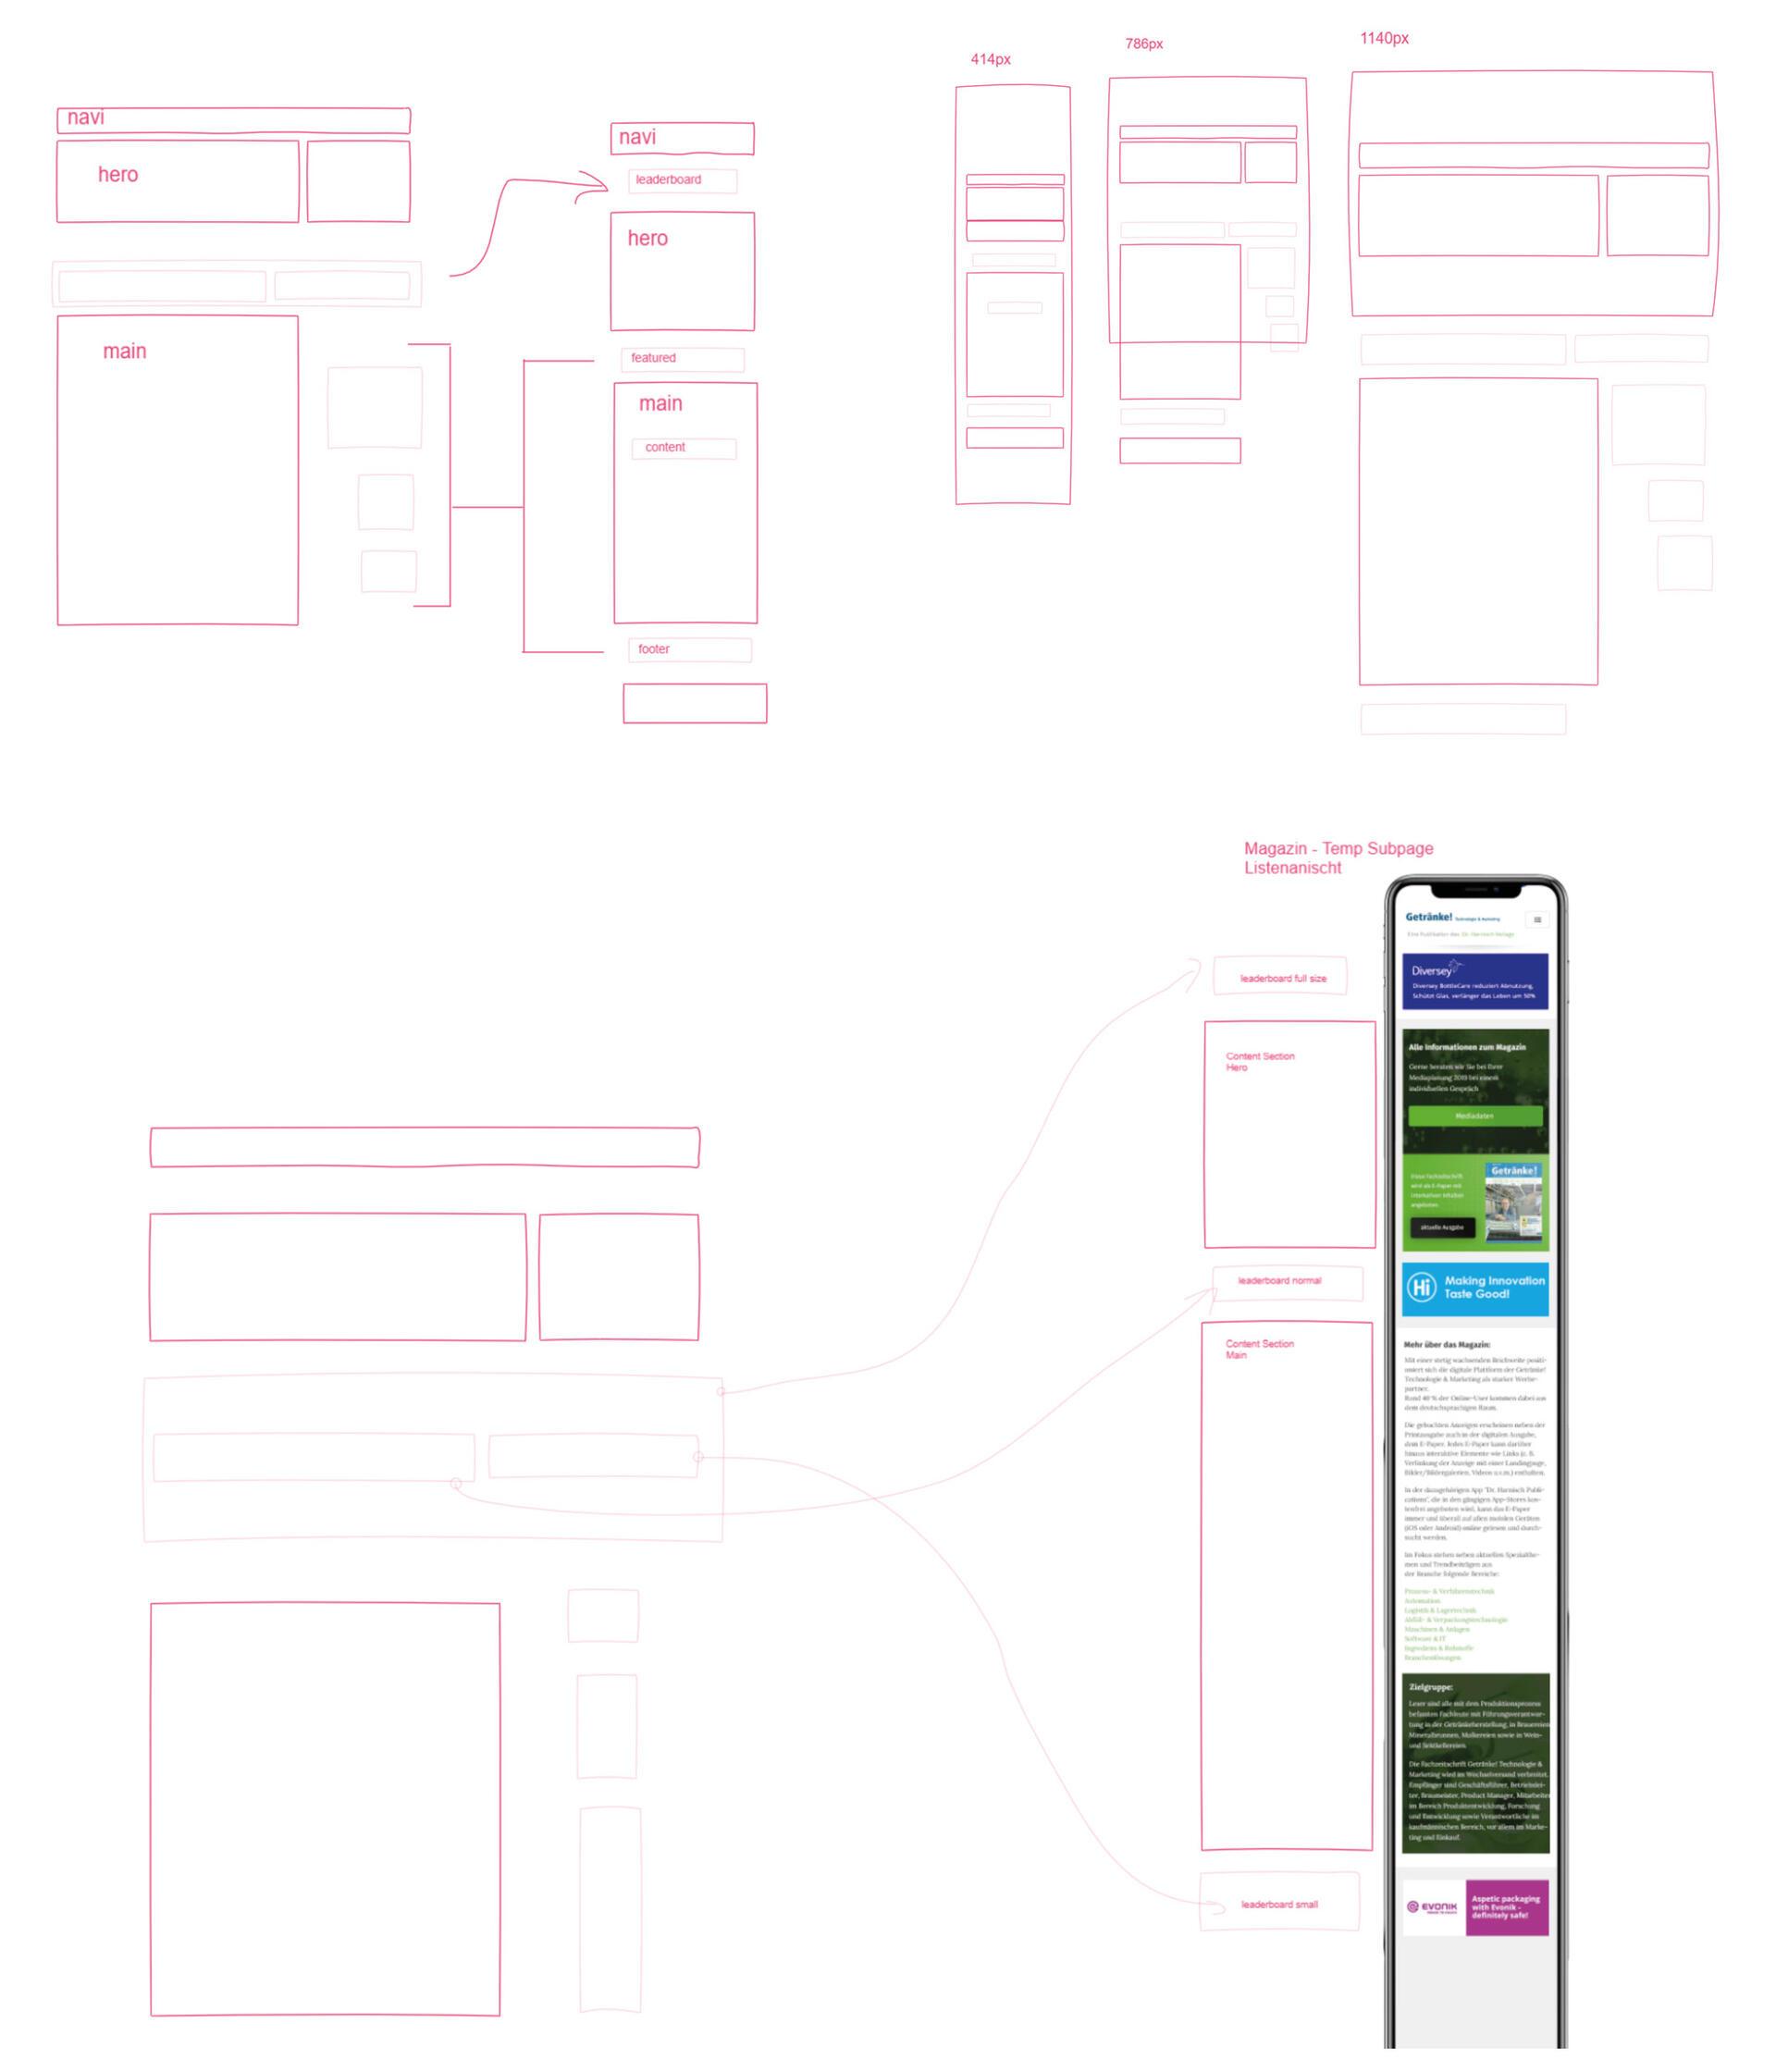 BESONDERS SEIN-UX-Design-Flowchart